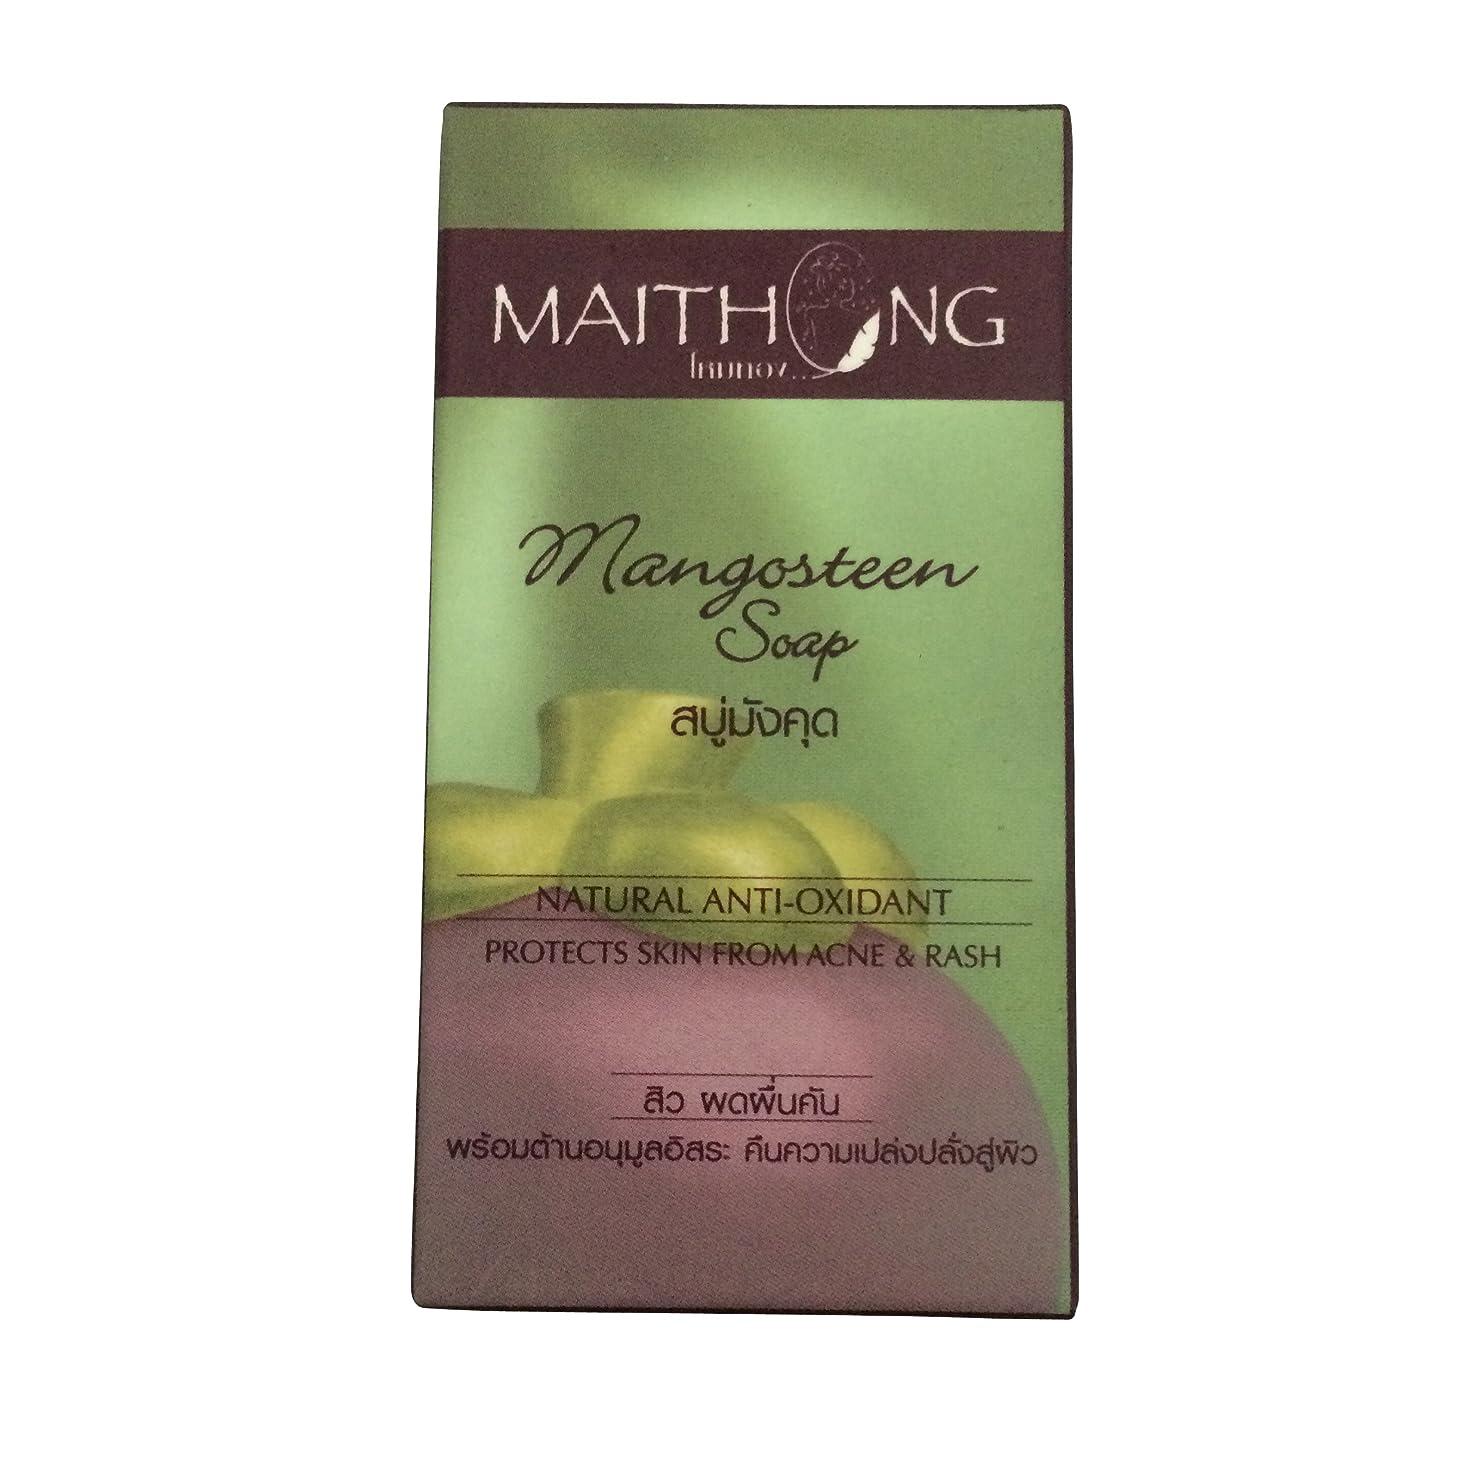 怠なミント隠(マイトーン)MAITHONG マンゴスチン 石鹸 ソープ